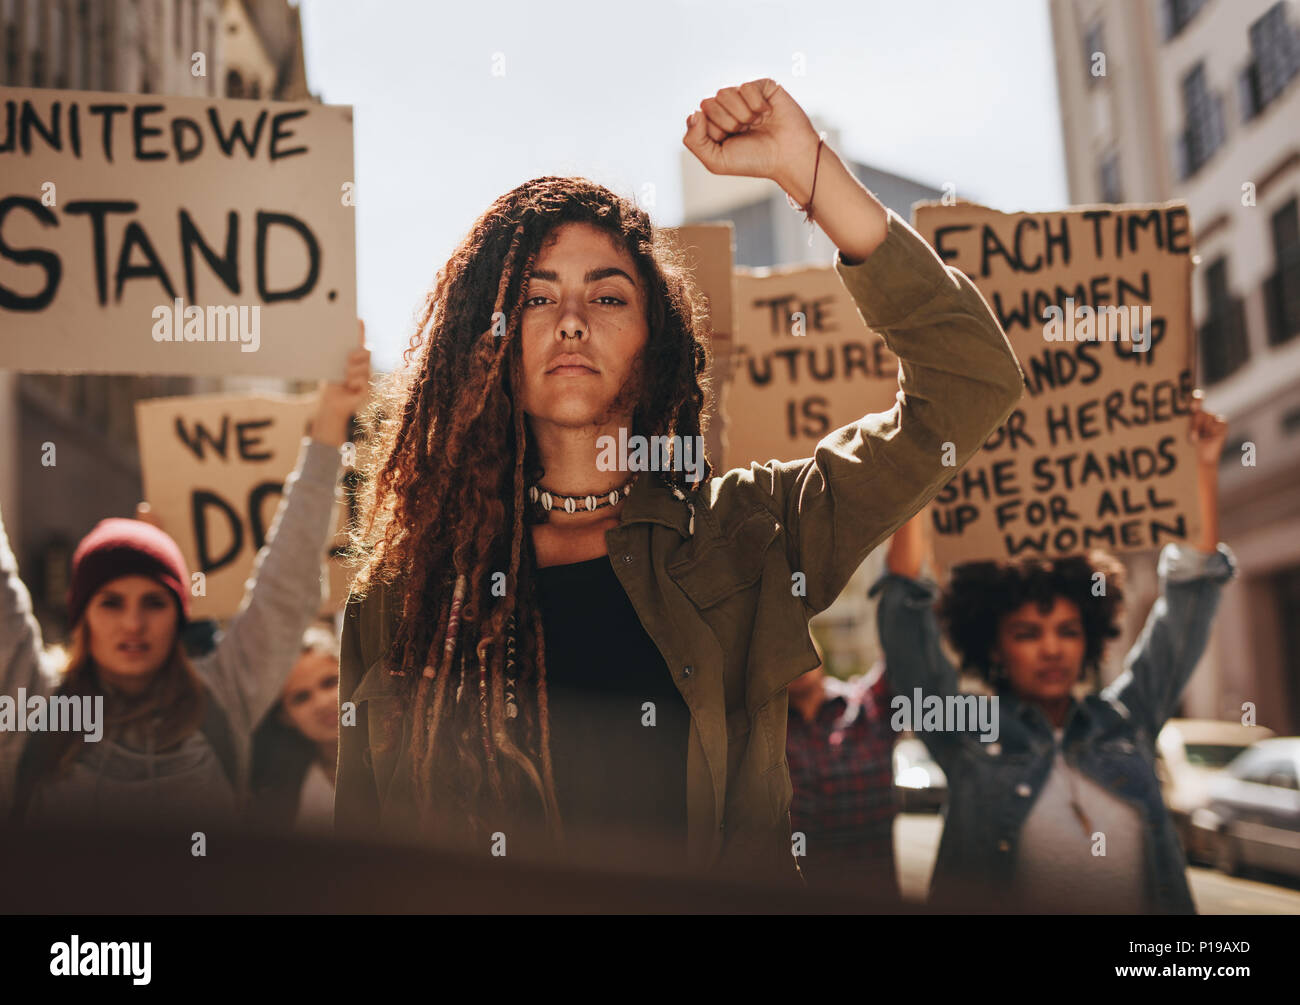 Mujer liderando un grupo de manifestantes en la carretera. Grupo de mujeres protestando por la igualdad y la potenciación de las mujeres. Imagen De Stock